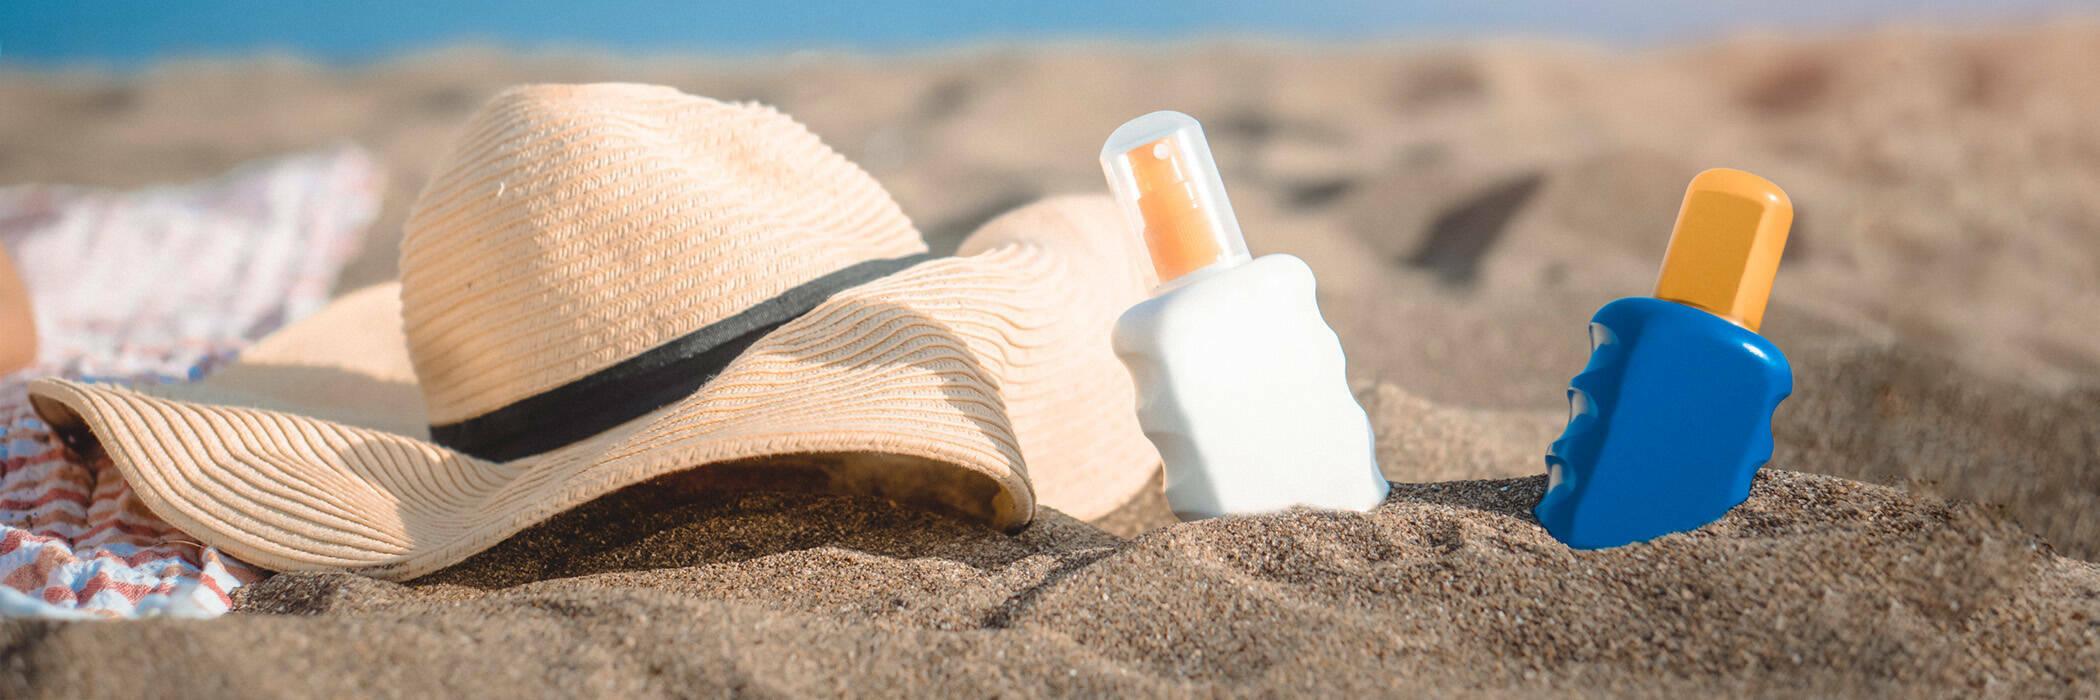 Sun protection set on the beach.